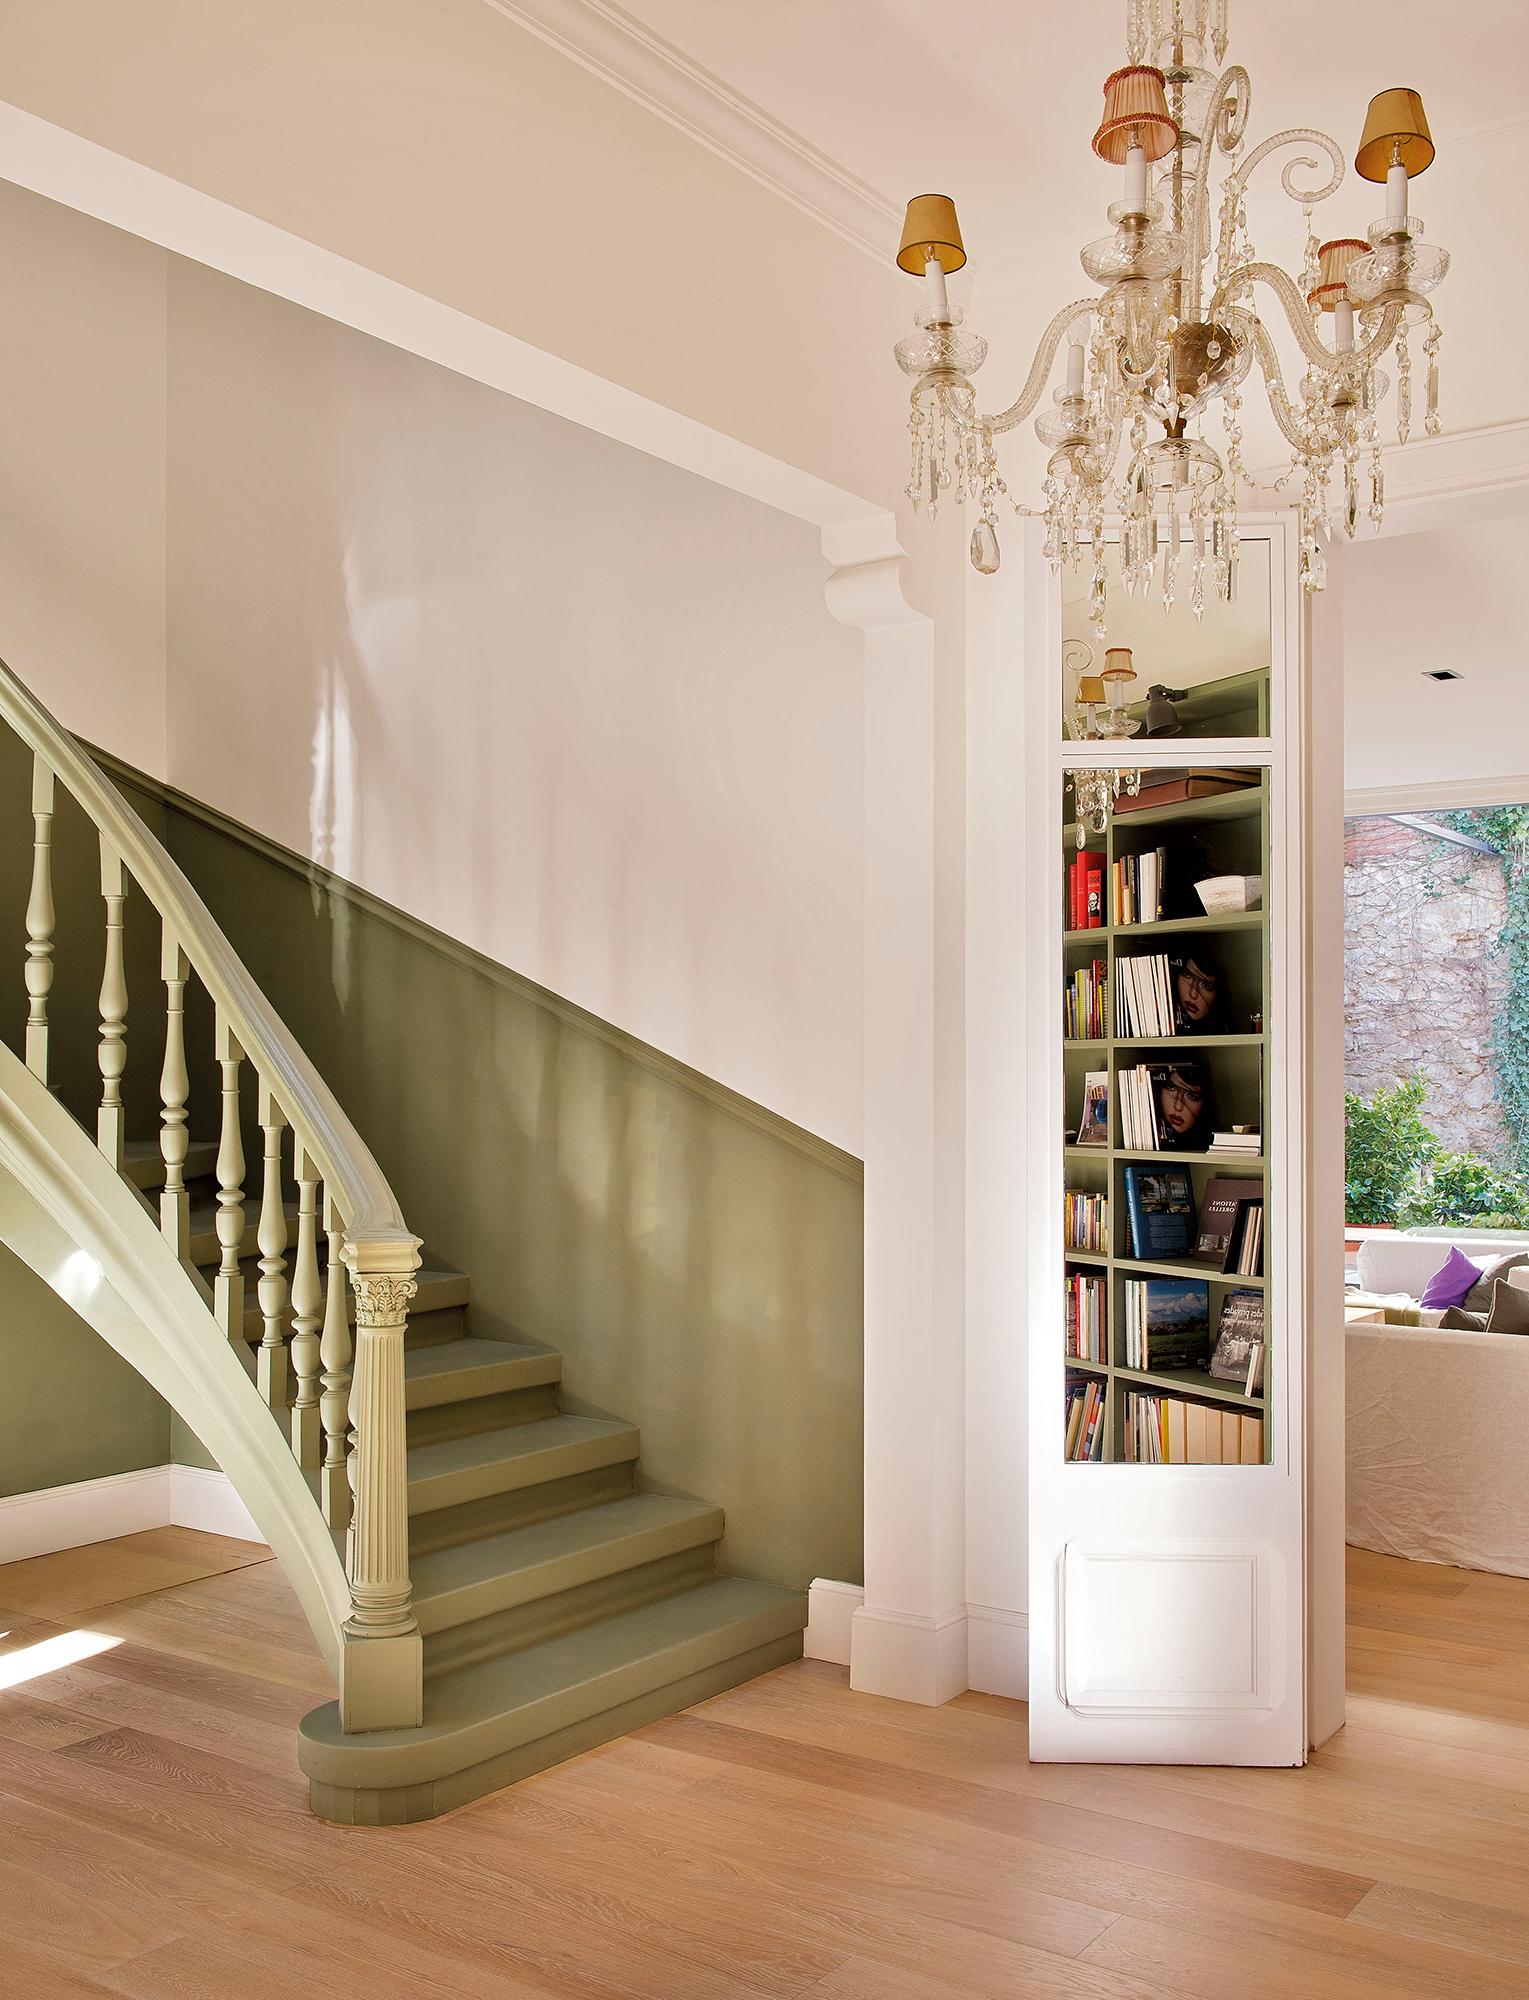 Escaleras: cómo planificarlas con acierto